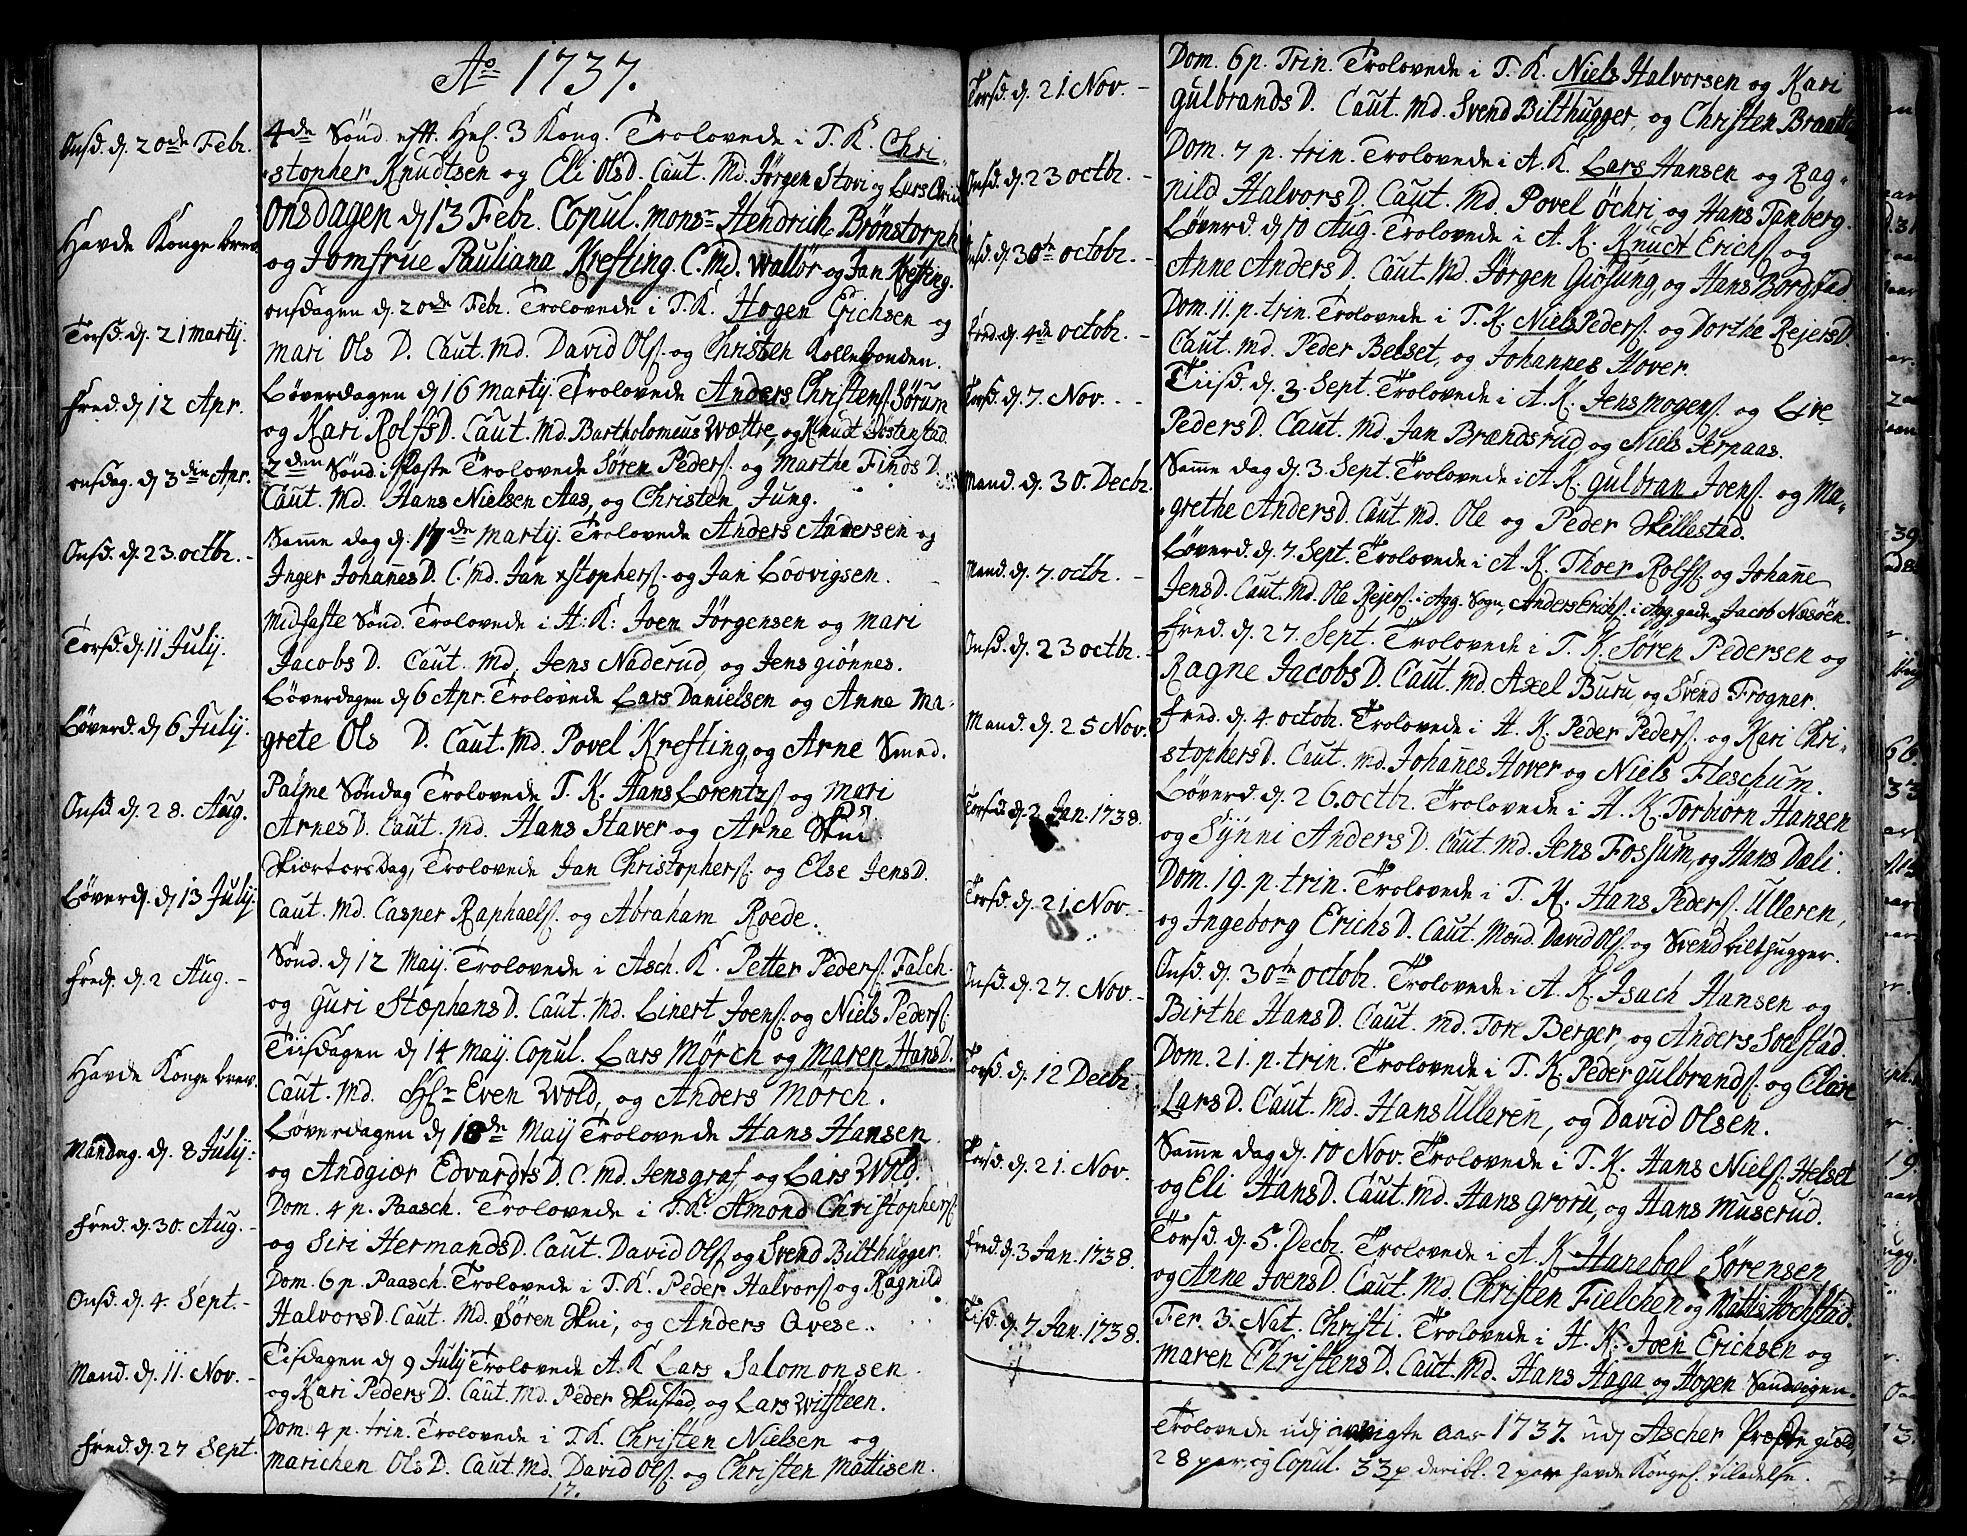 SAO, Asker prestekontor Kirkebøker, F/Fa/L0001: Ministerialbok nr. I 1, 1726-1744, s. 88